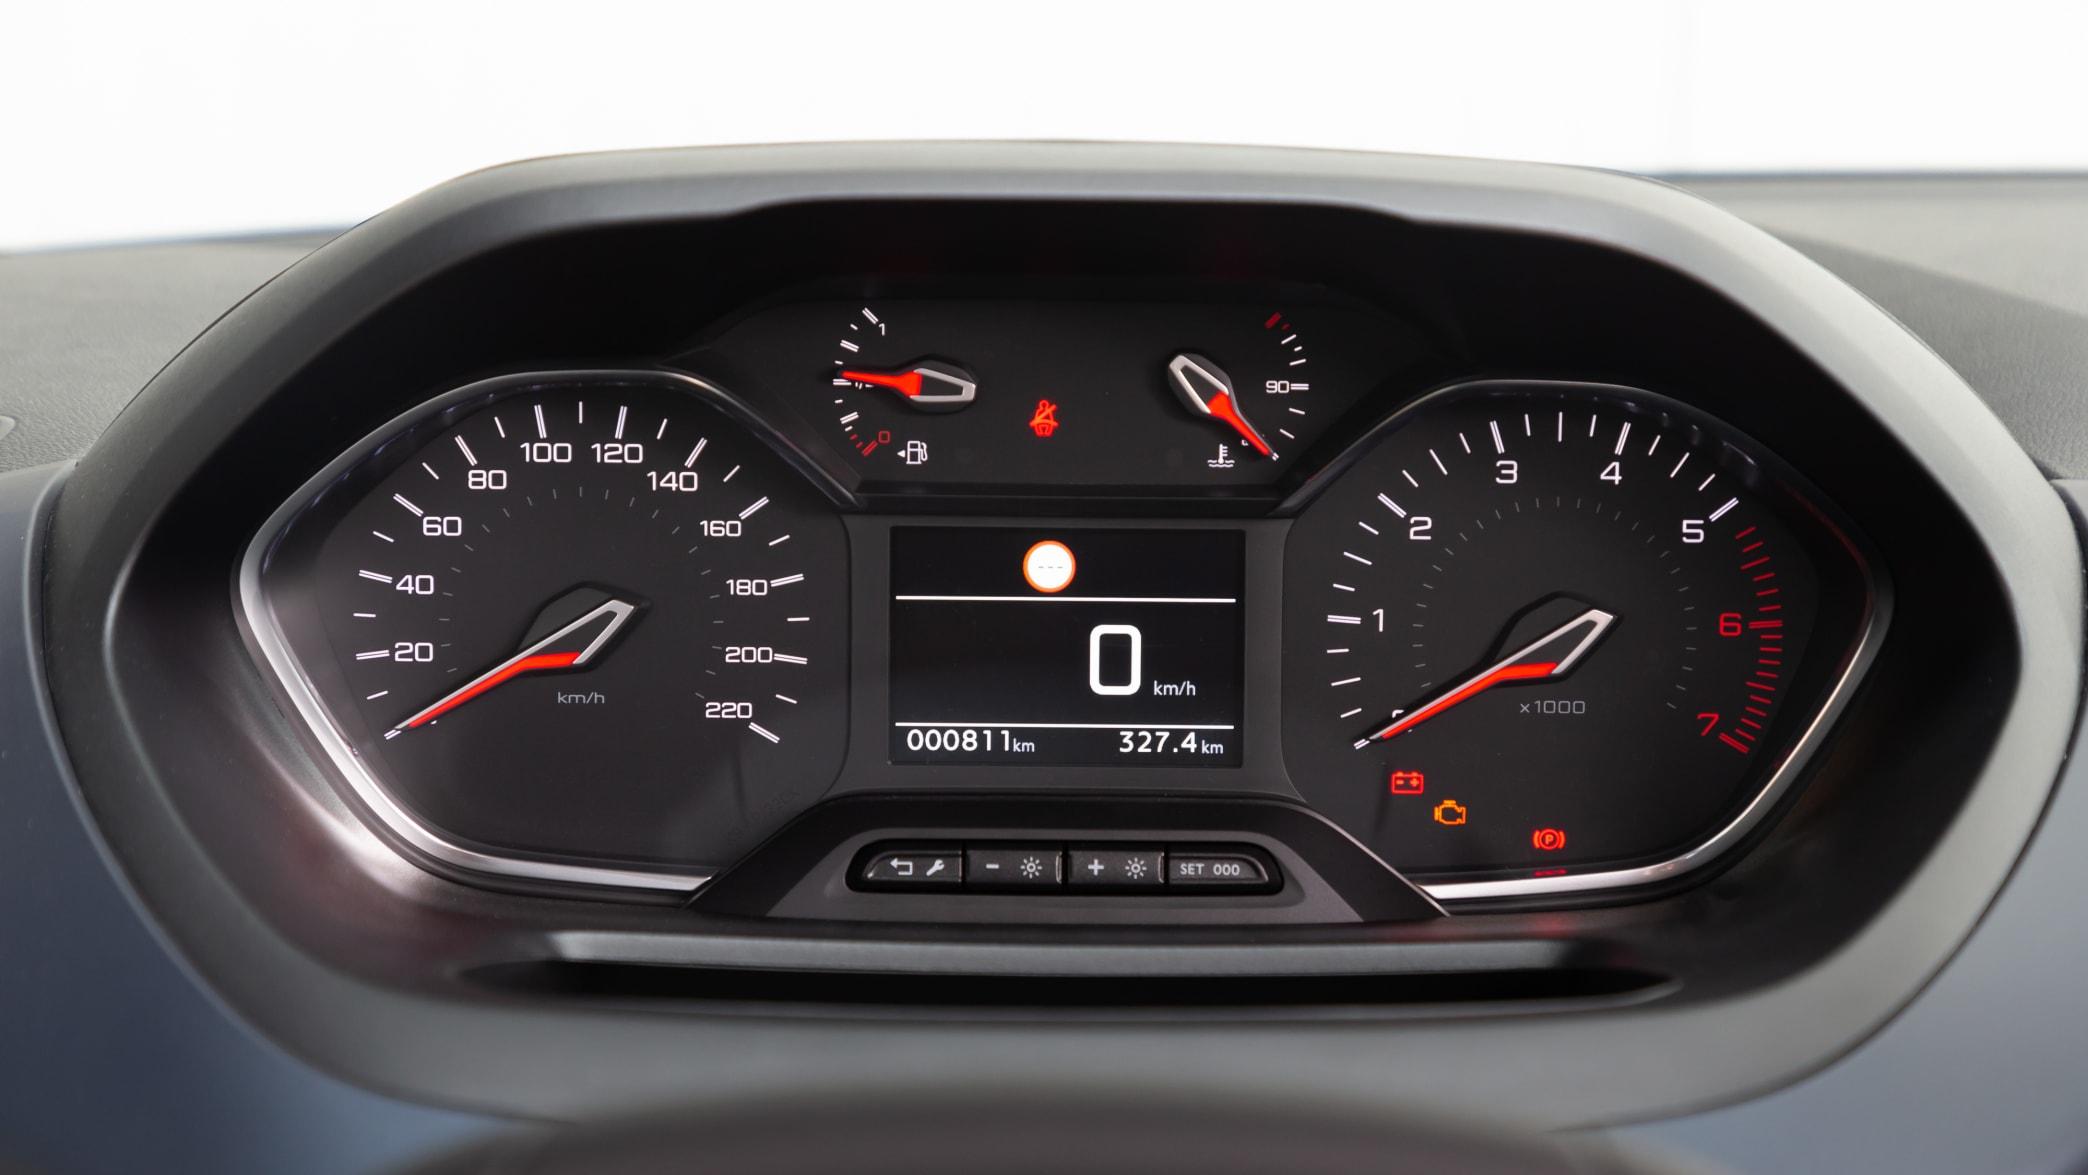 Armaturenbrett des Peugeot Rifter